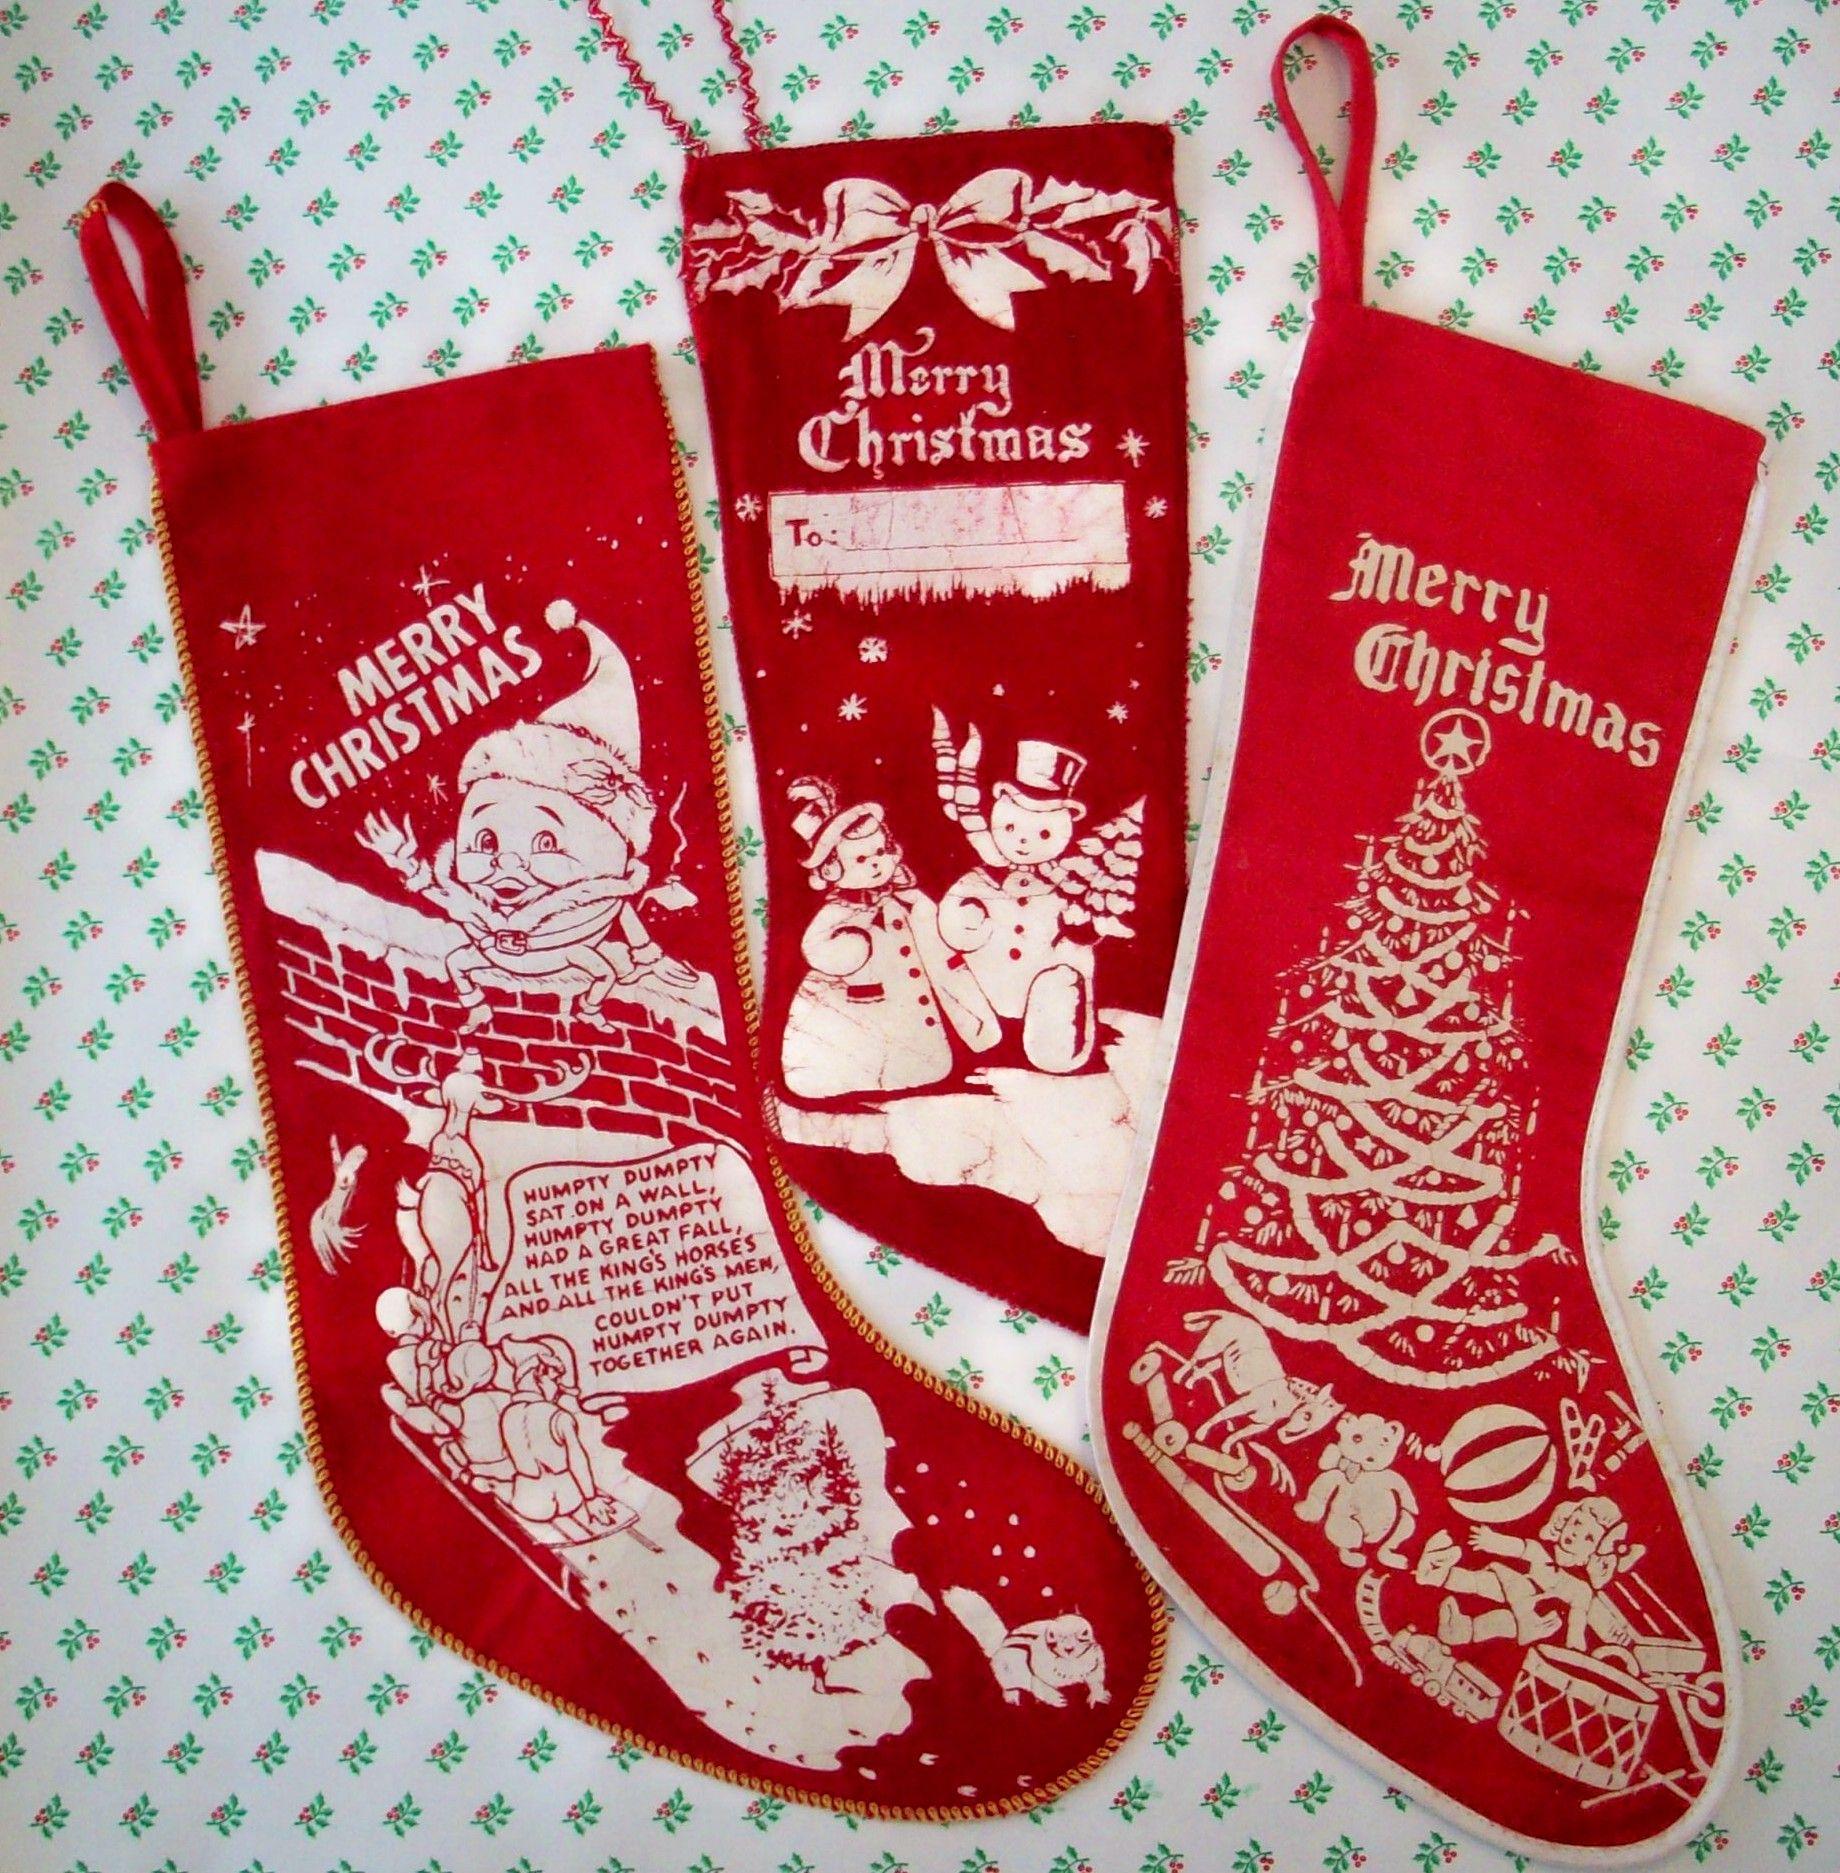 VTG CHRISTMAS STOCKINGS